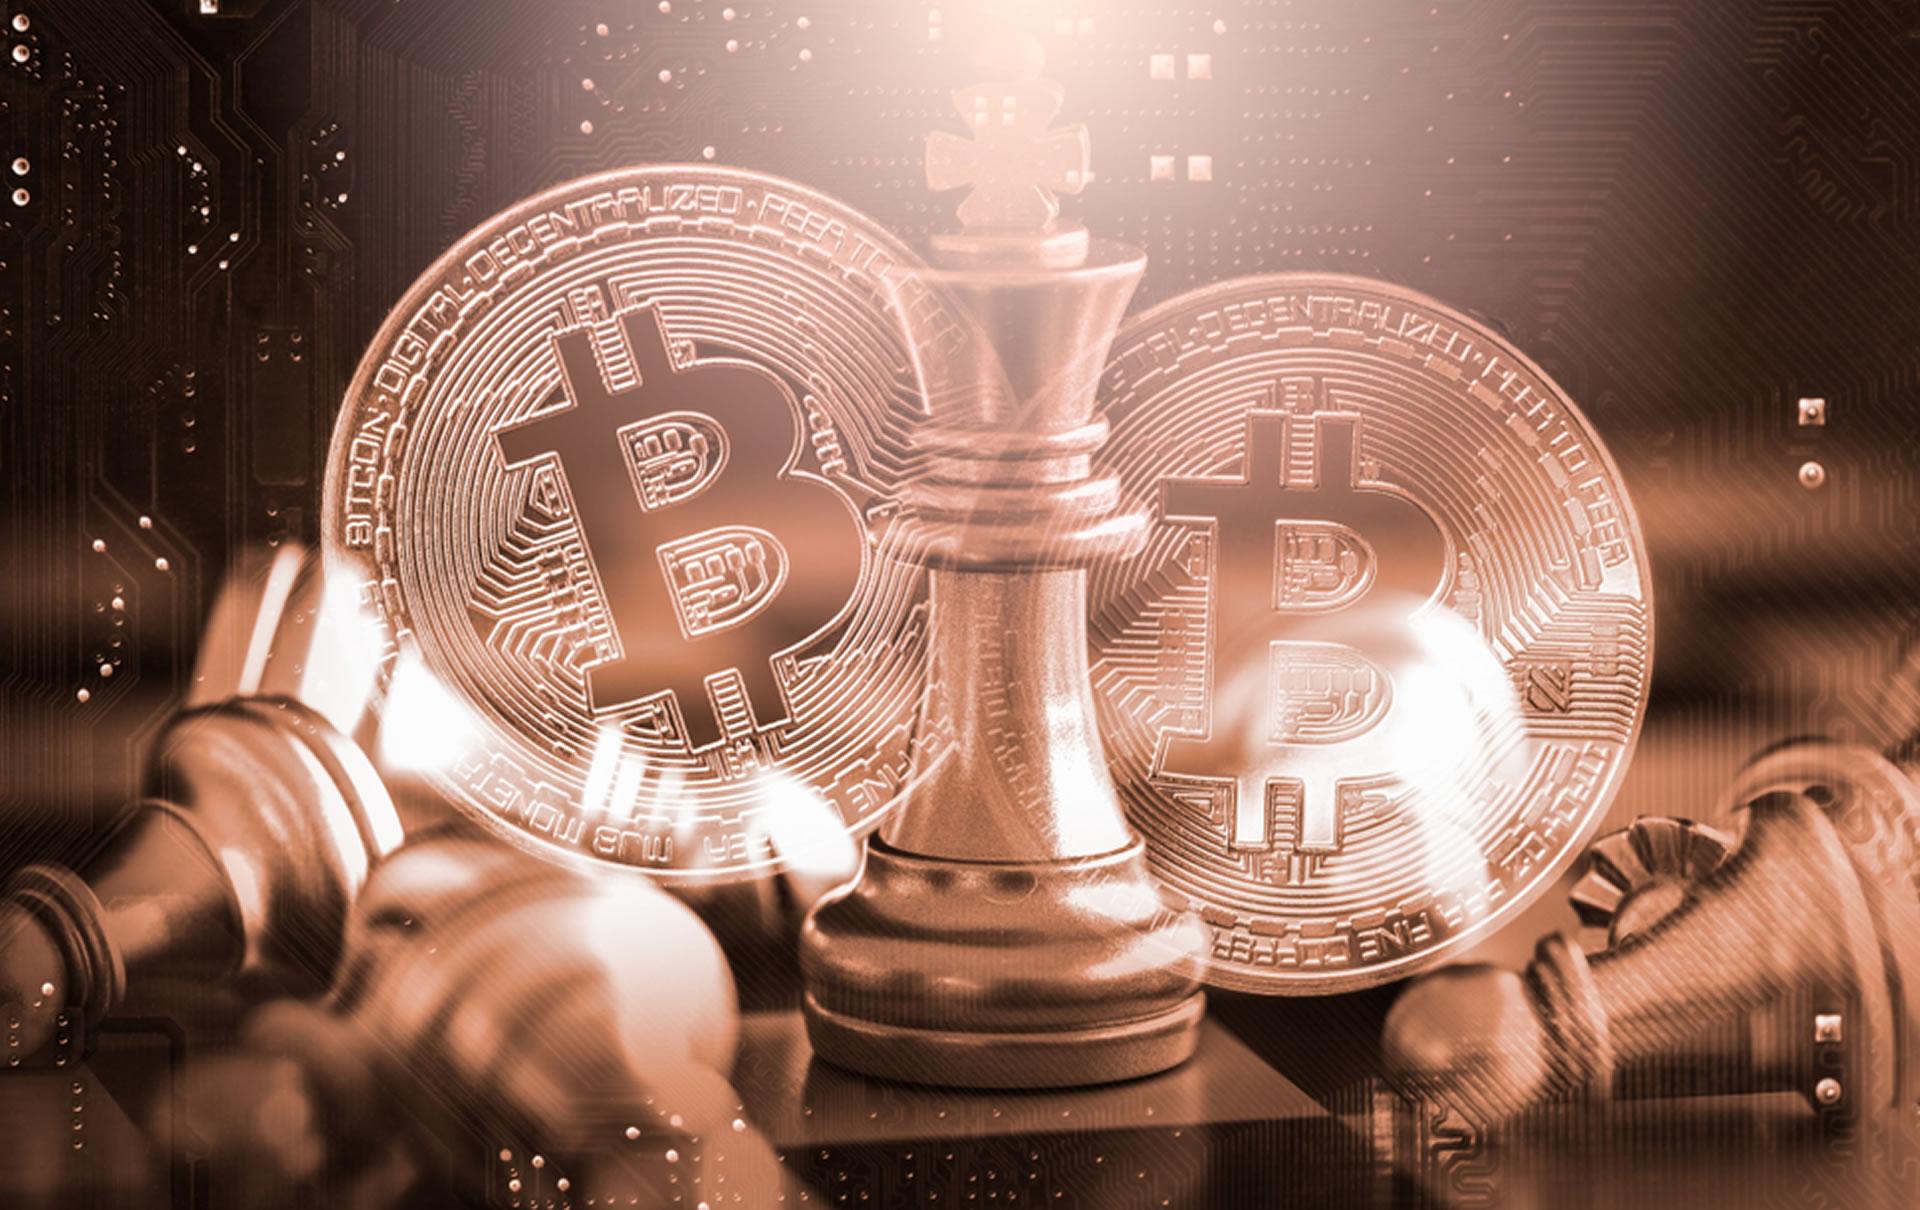 nlü Analist Agresif Yatırım Taktiği Paylaştı ve Her Şeyini Bitcoin'e BTC Yatırdı